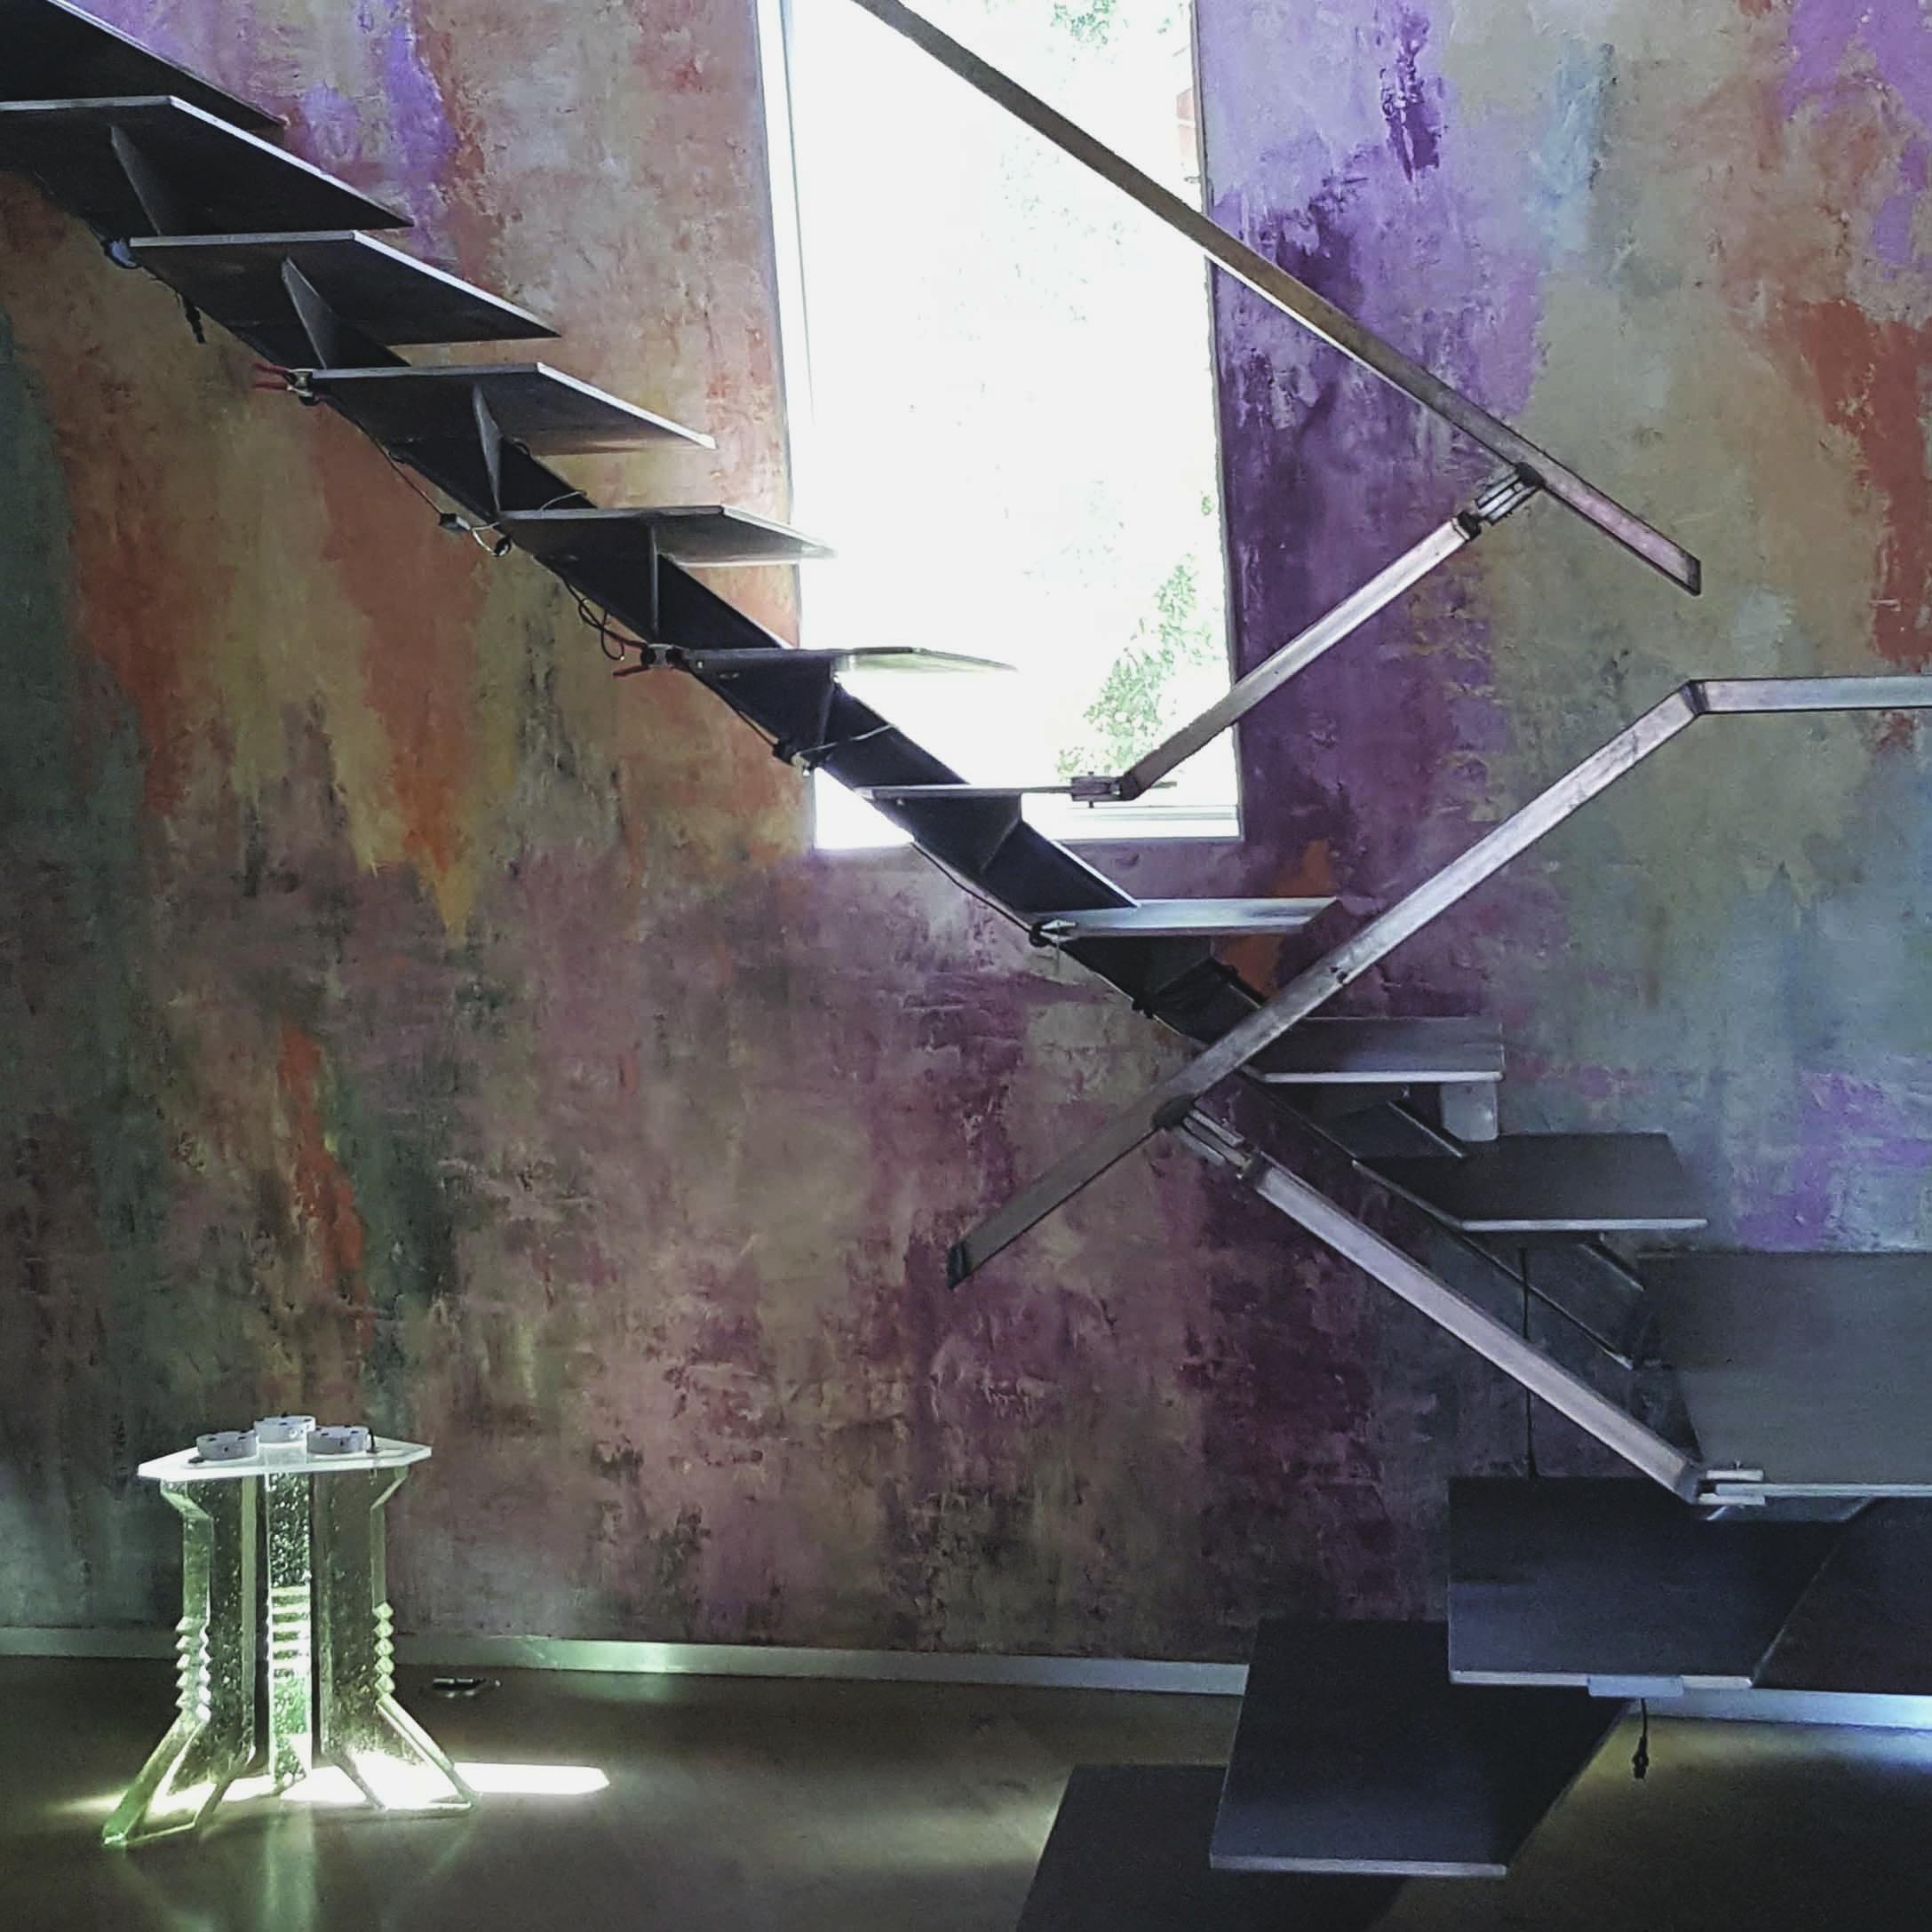 Miji House Stairwell